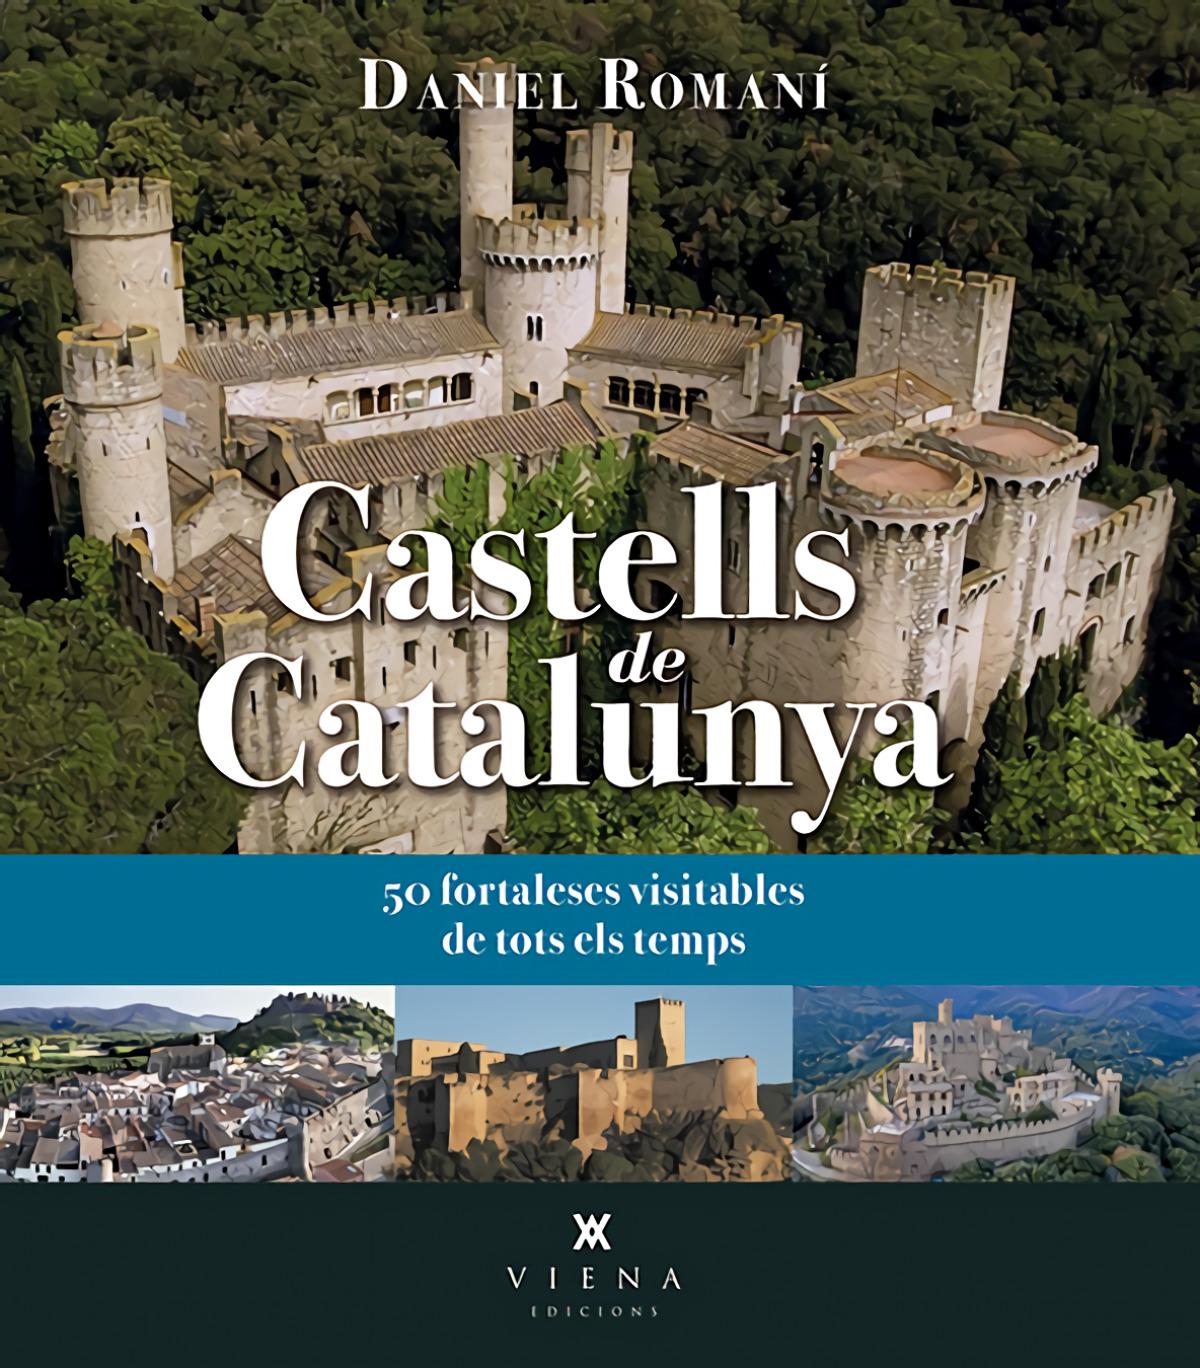 Castells de Catalunya 9788417998615